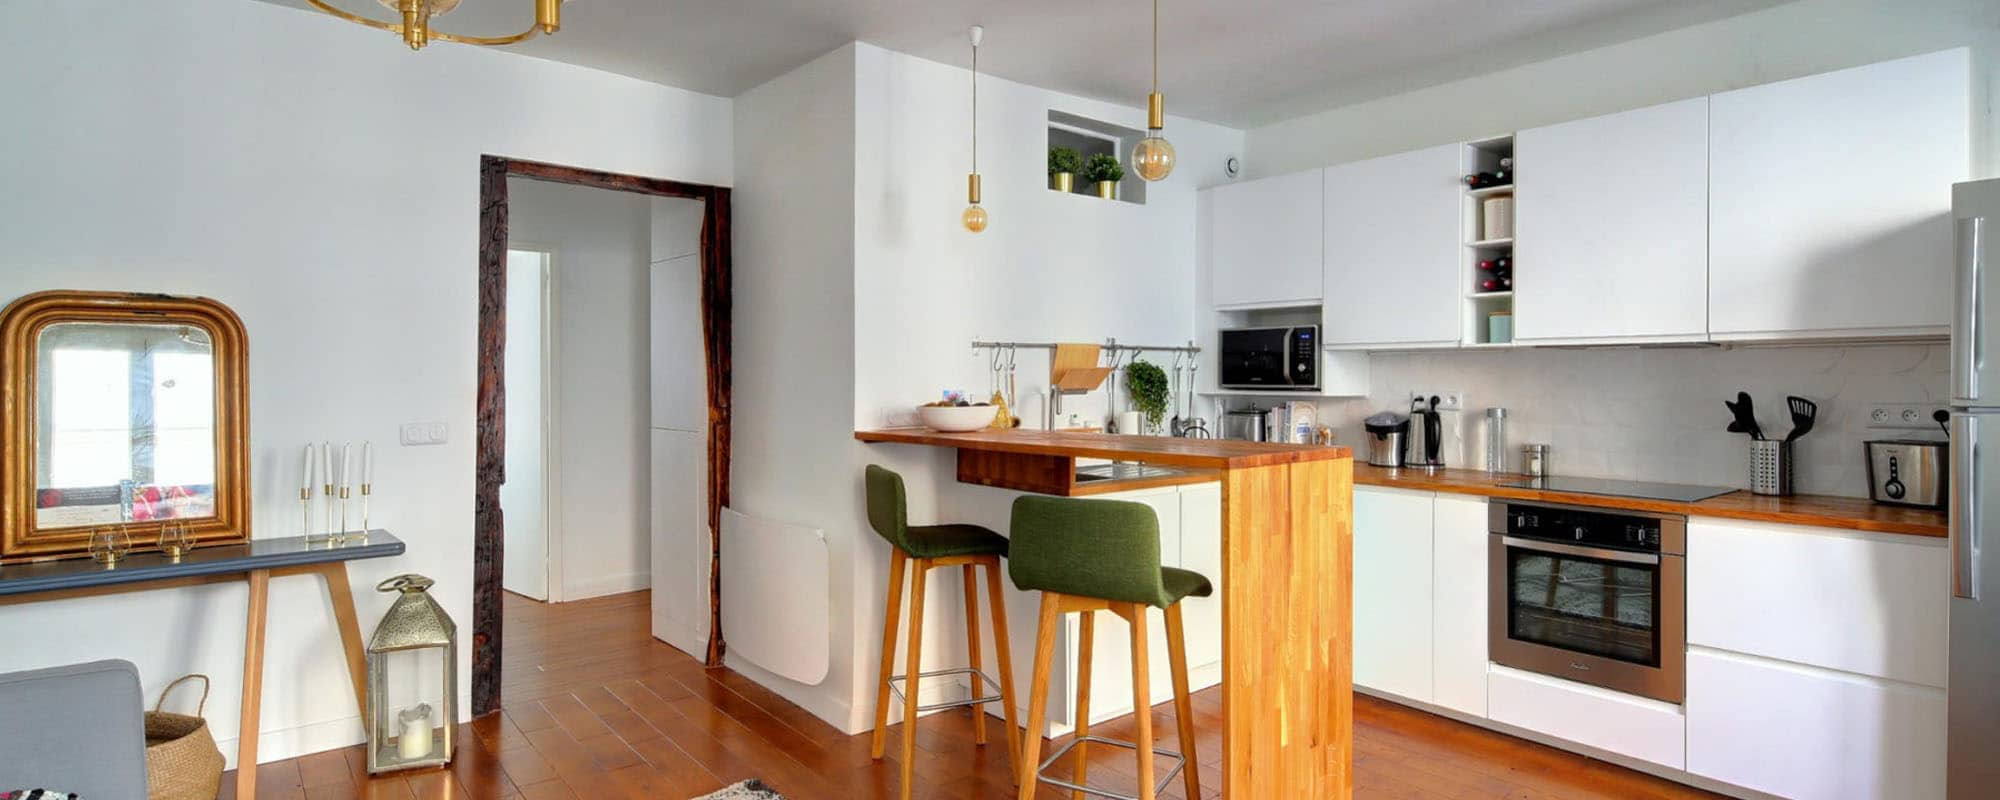 aménagement cuinine ouverte style scandinave